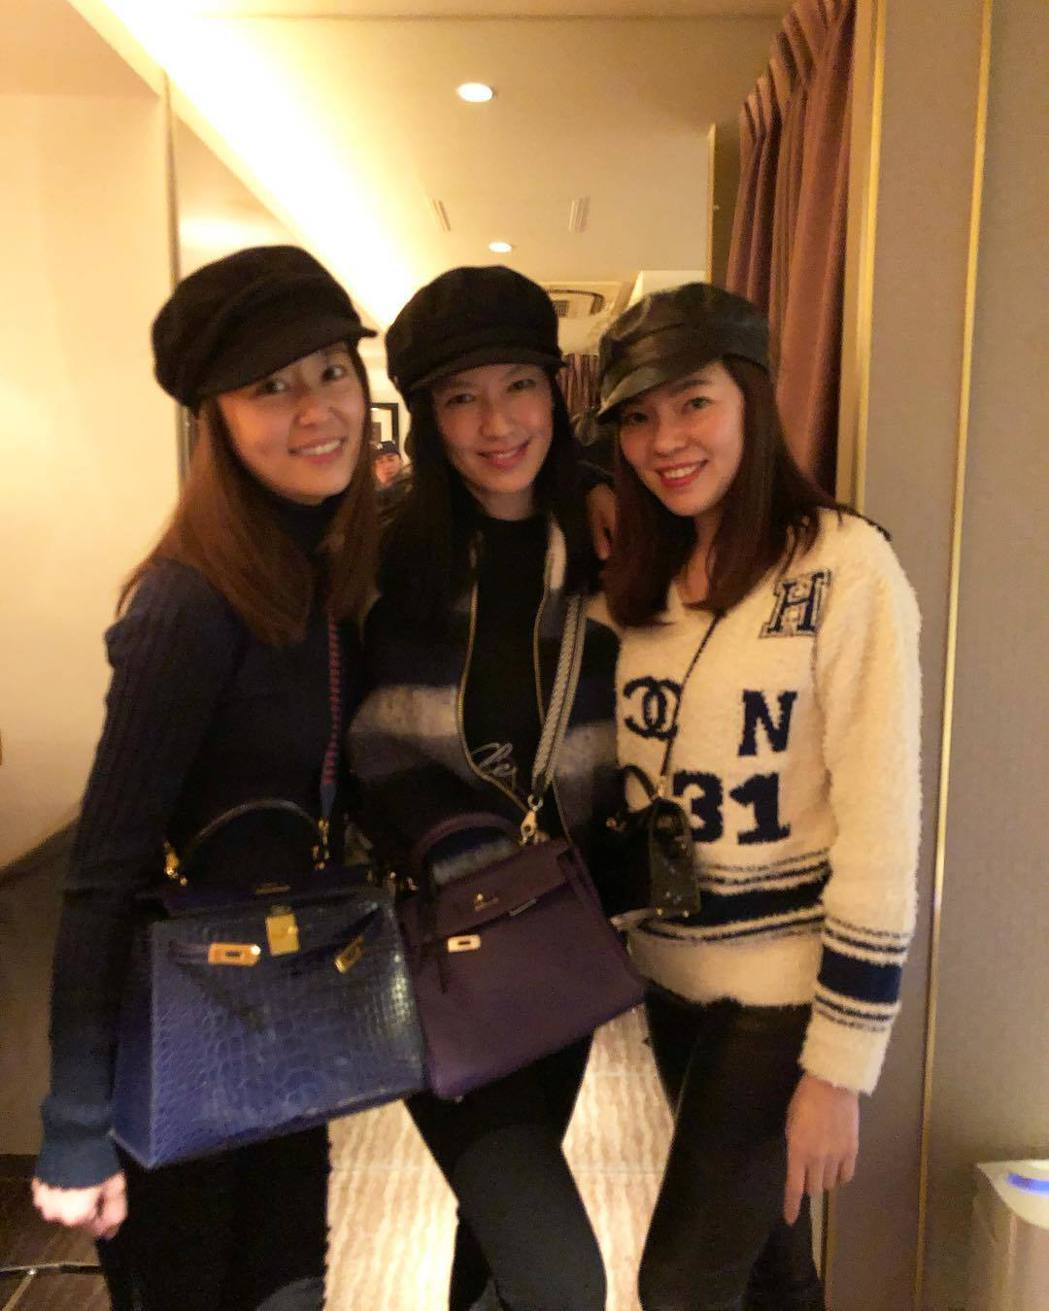 林心如(左)、林熙蕾(中)與曾馨瑩(右)難得聚會。 圖/擷自林熙蕾IG